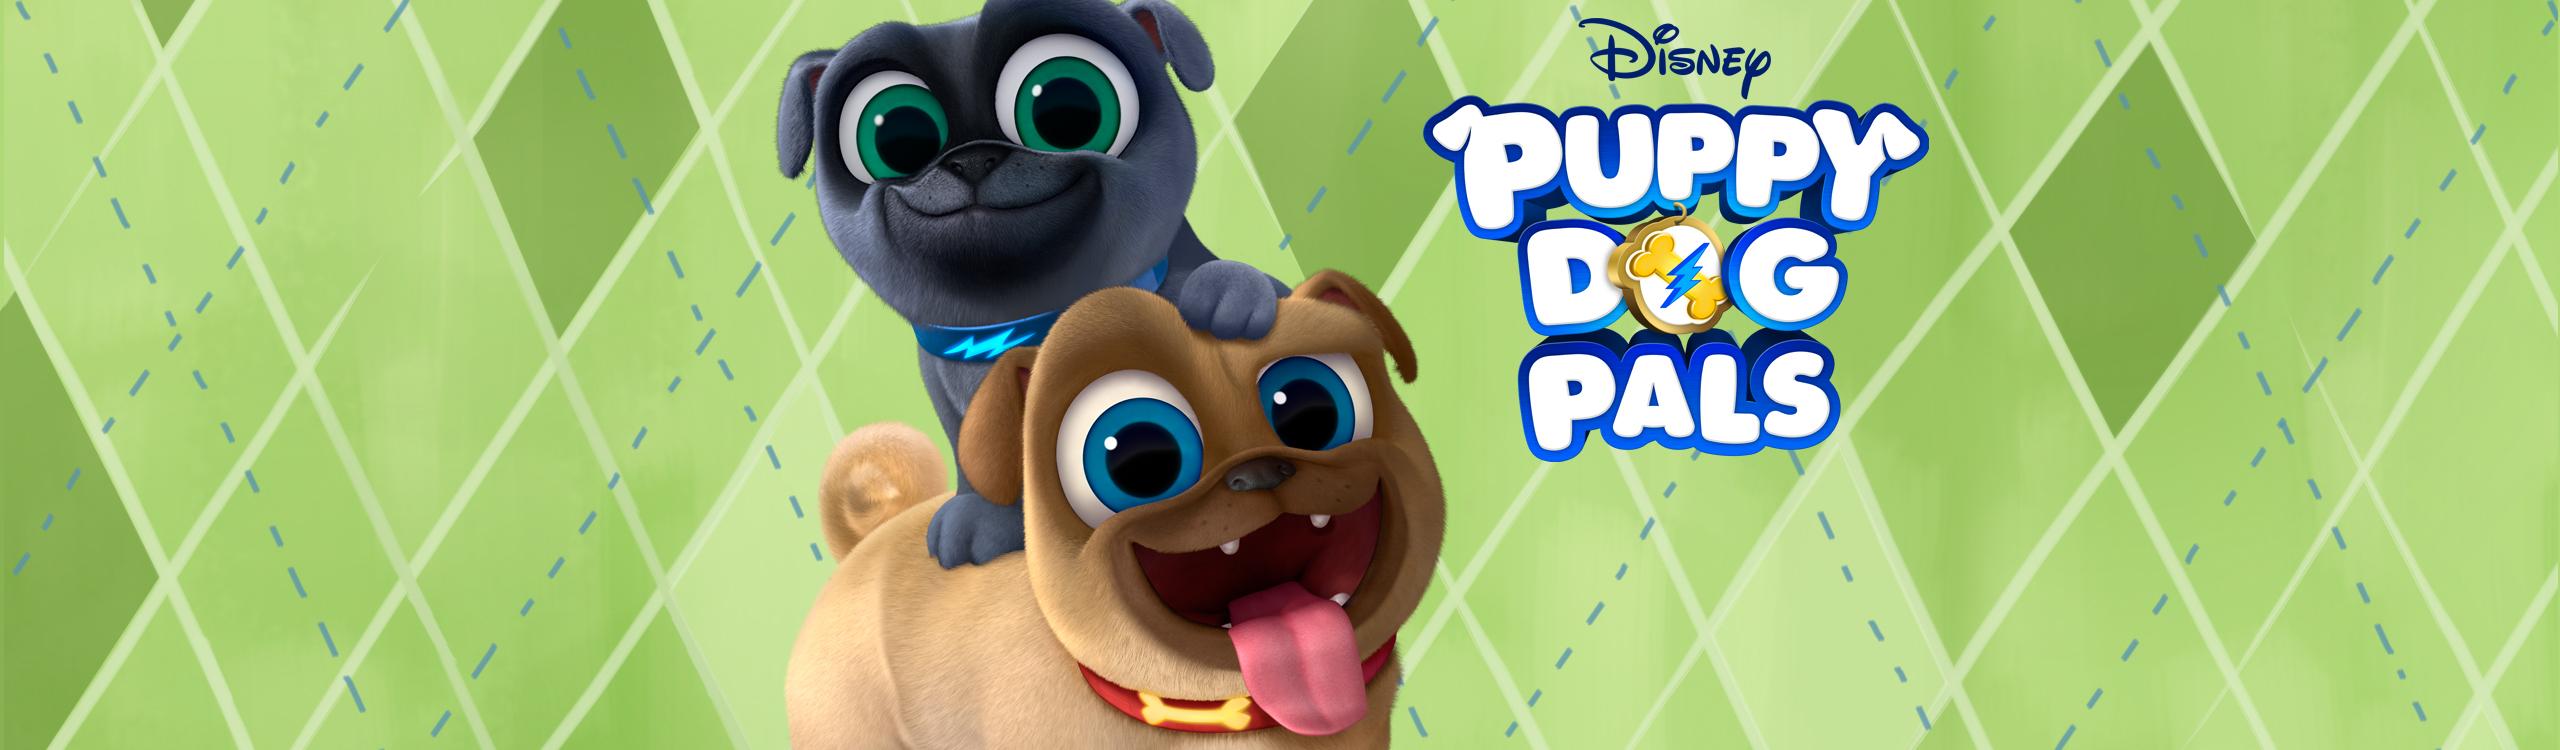 Puppy Dog Pals   Disney Junior Channel